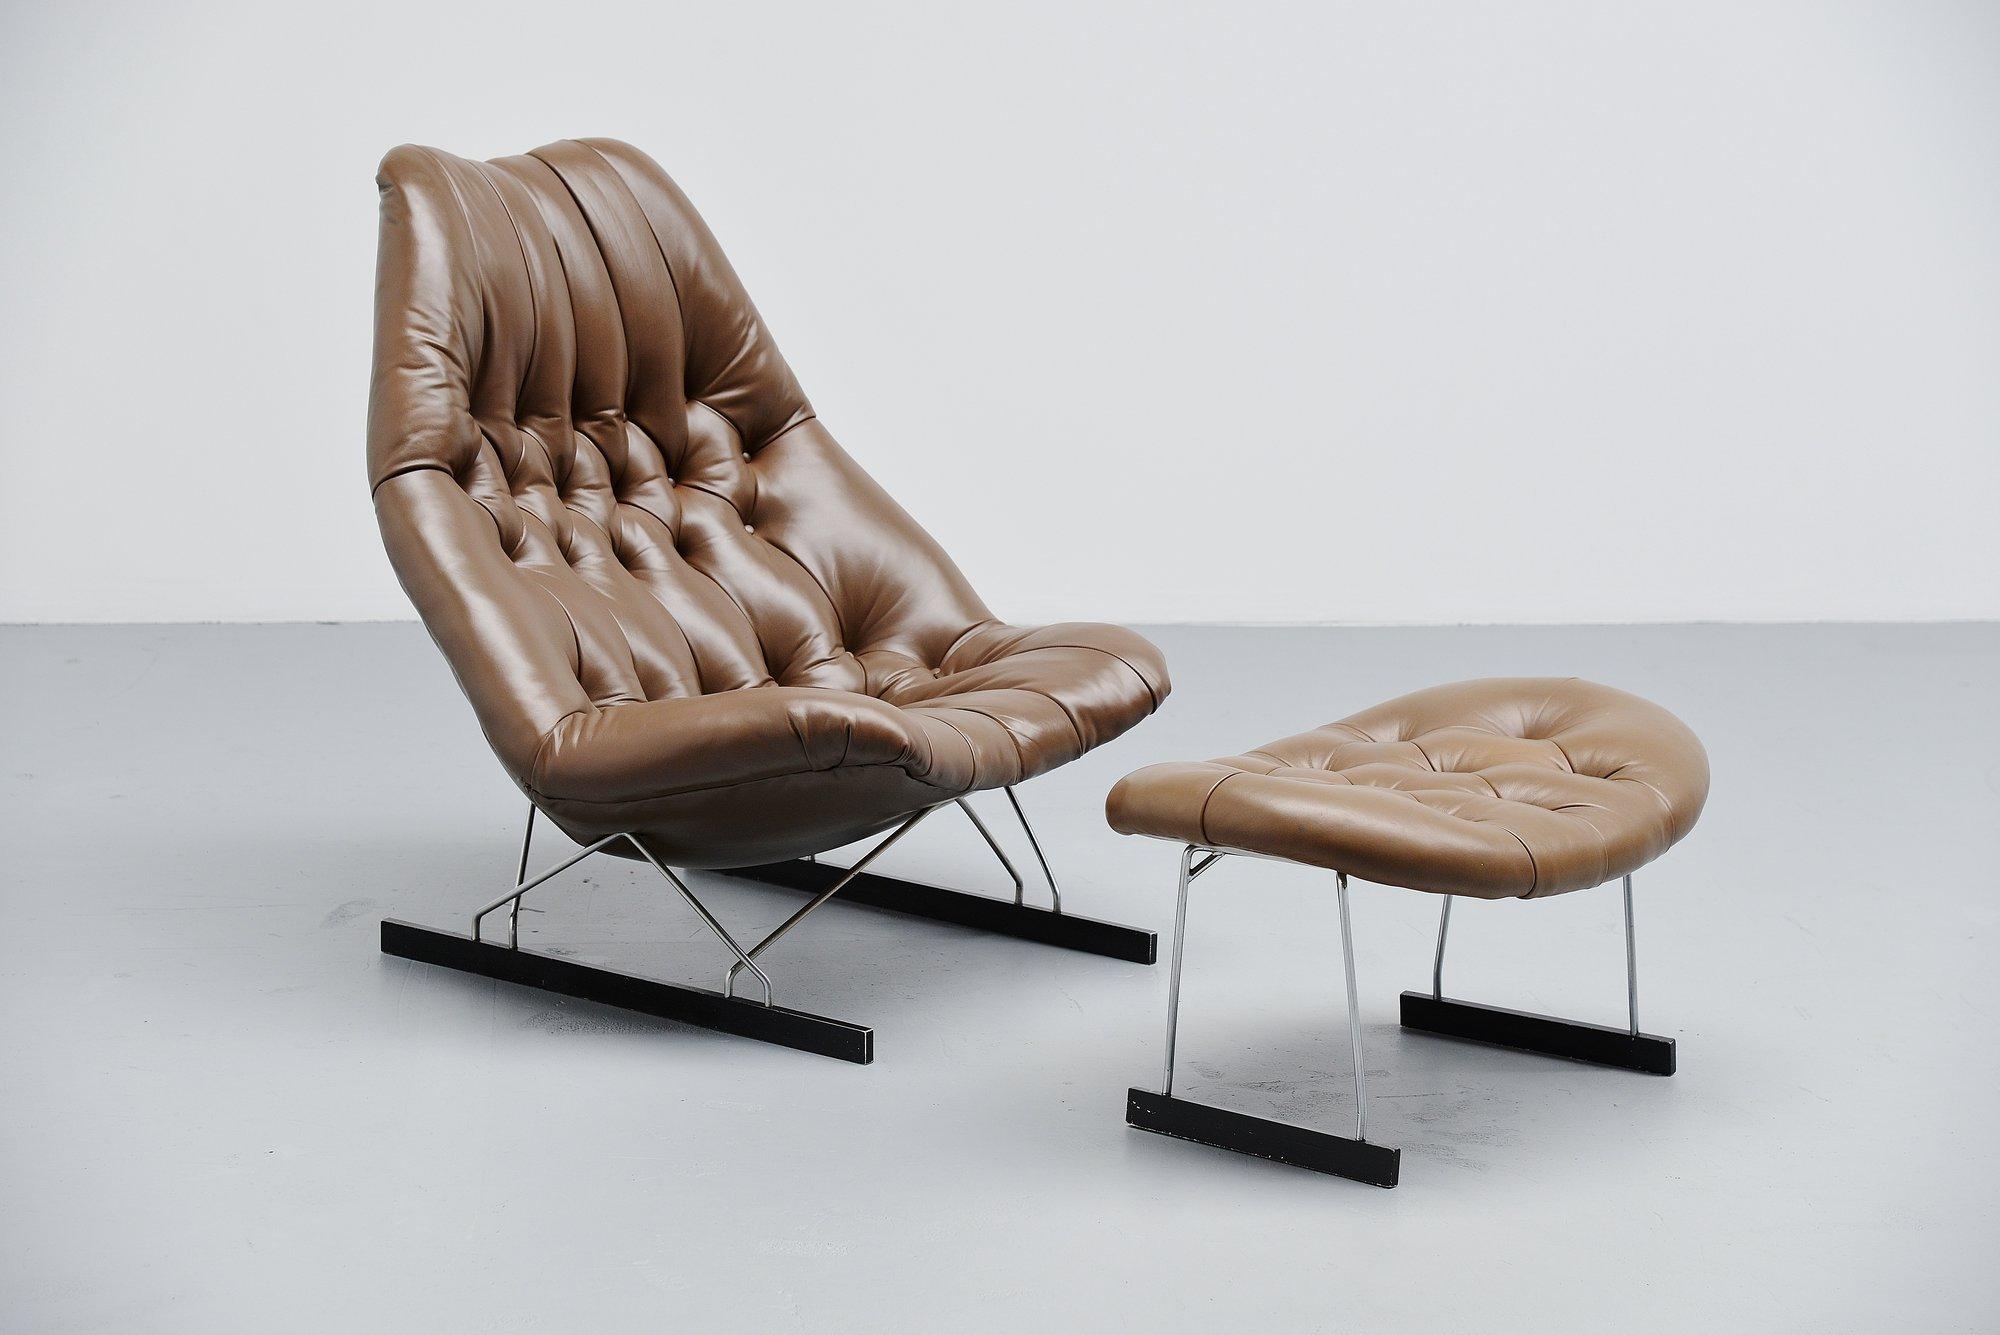 Geoffrey Harcourt F592 Lounge Chair Artifort 1966